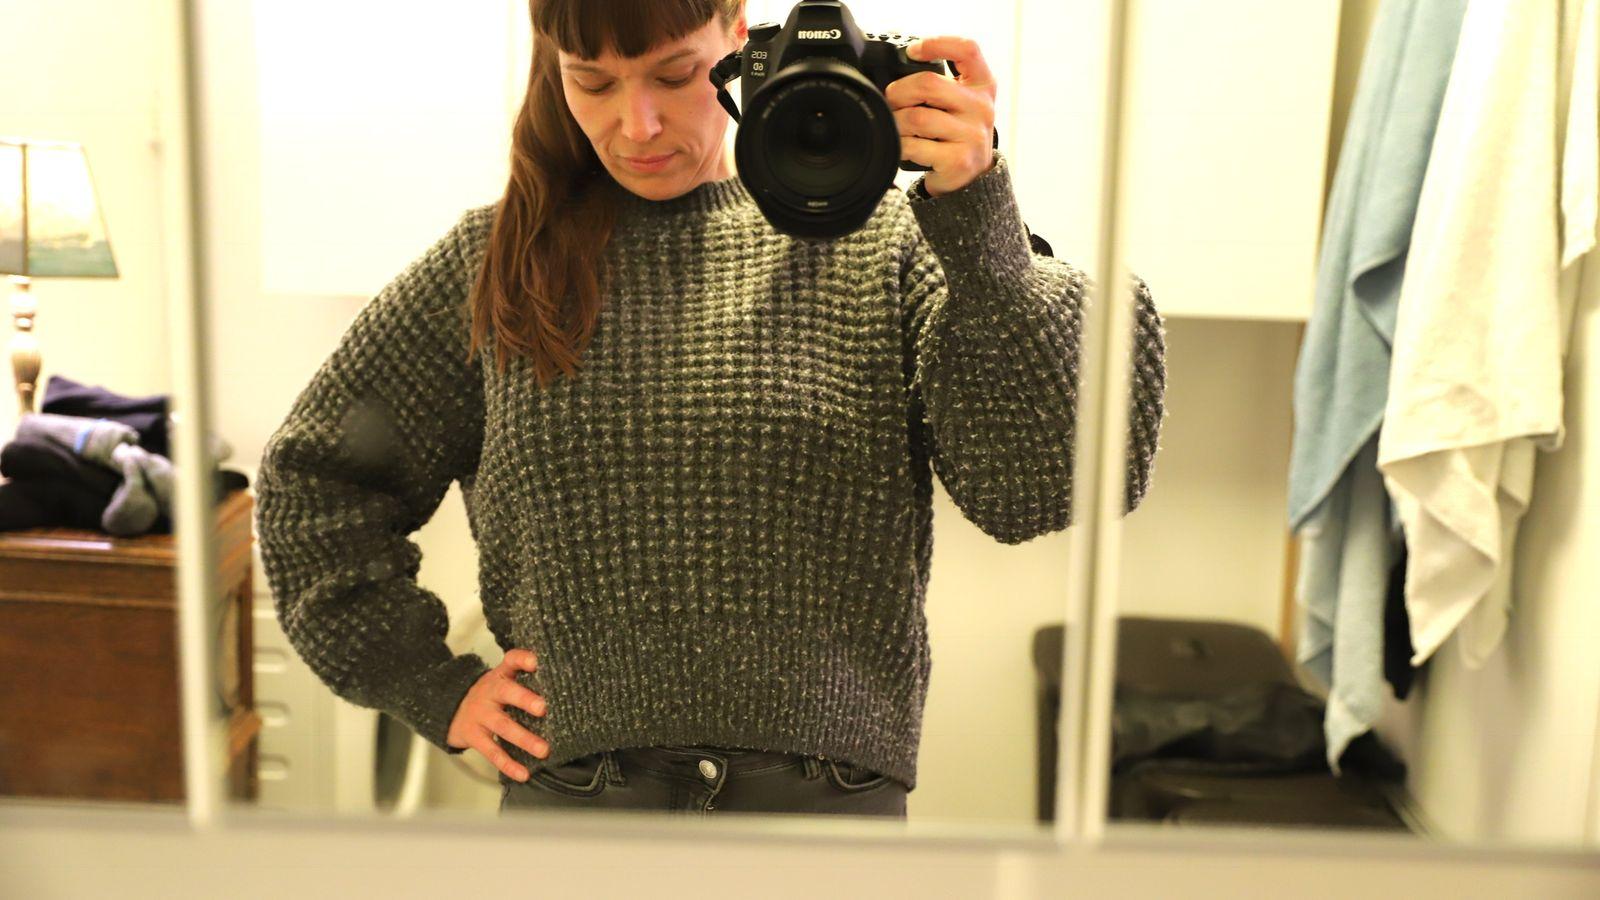 Fotografen tar bilde av seg selv i spelet med en grå, tykk genser på.